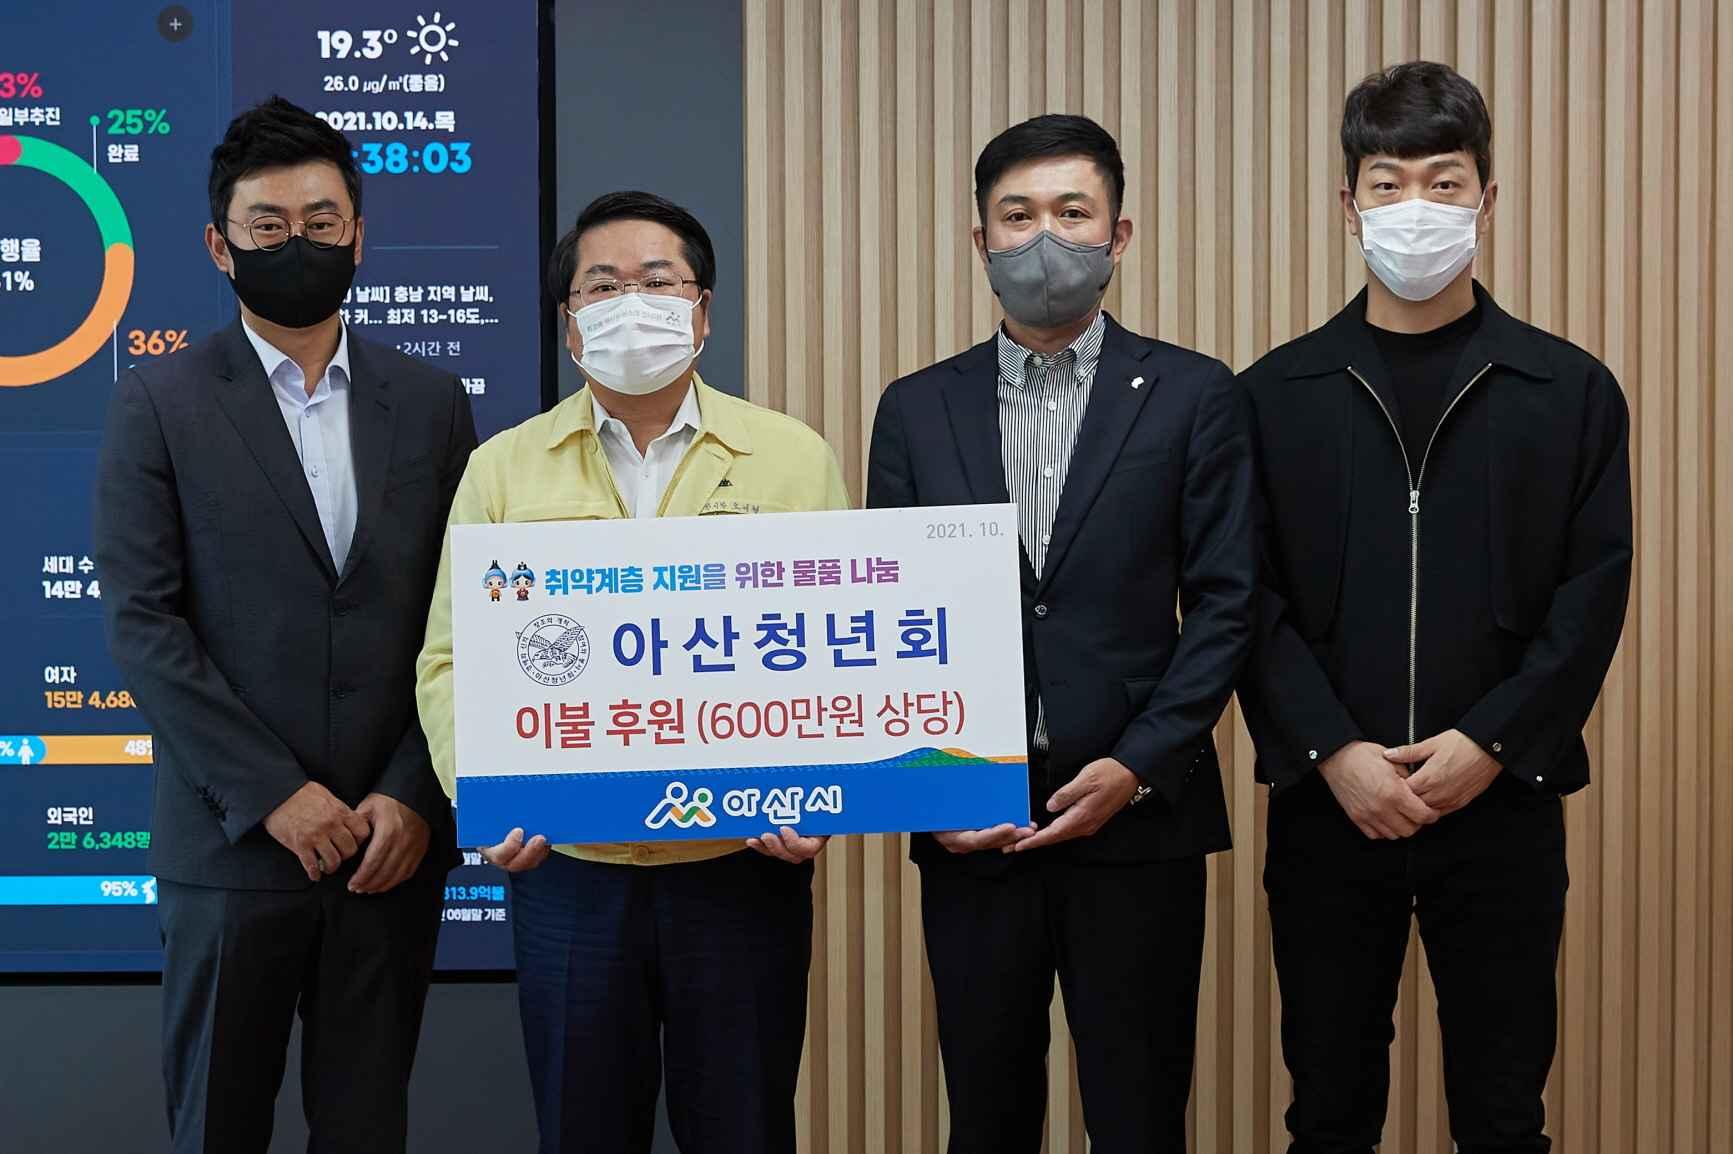 아산청년회, '효사랑 실천' 독거노인을 위한 이불세트 후원 관련사진